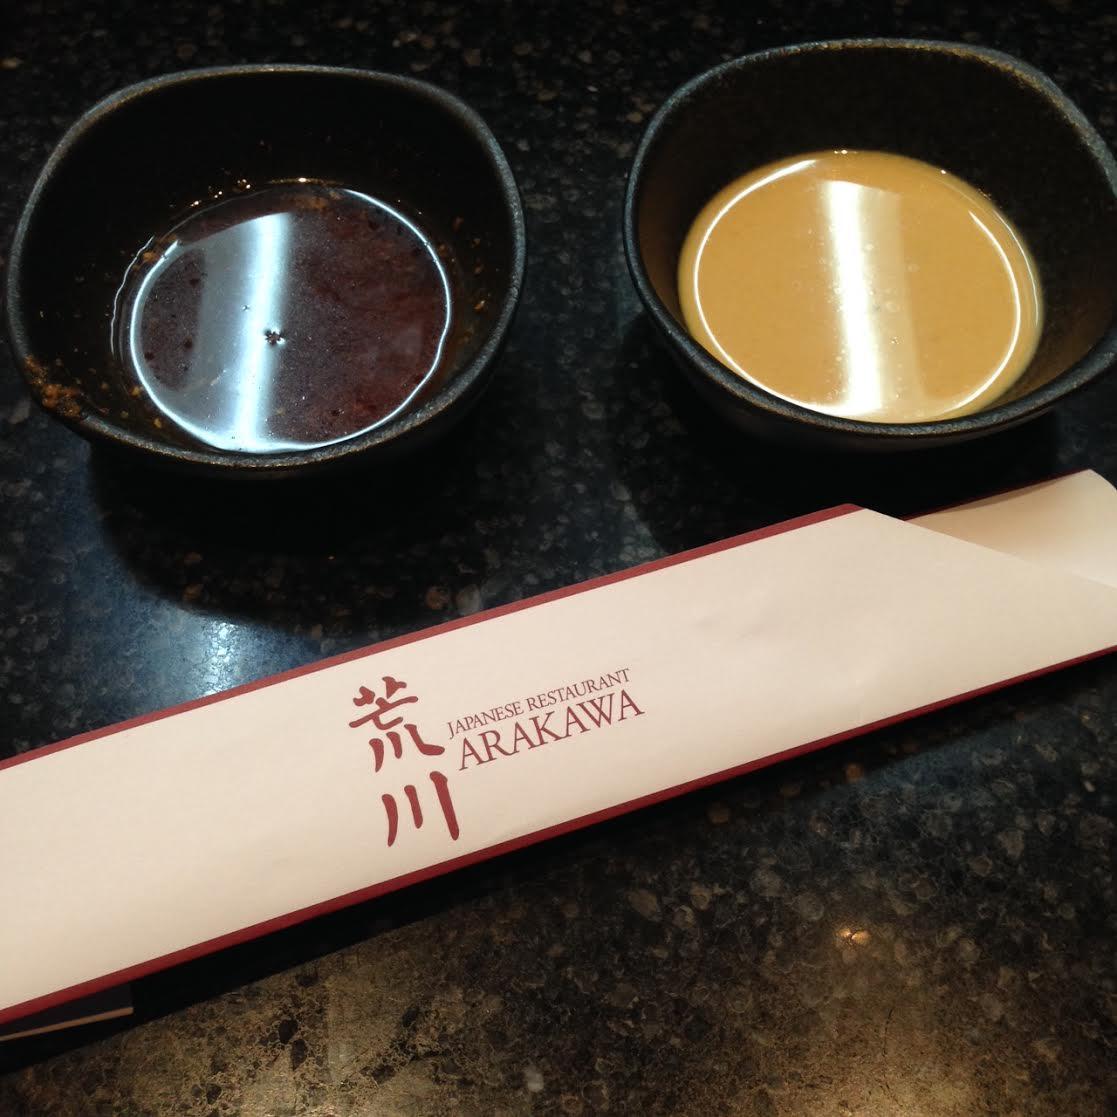 Arakawa Japanese Restaurant Menu